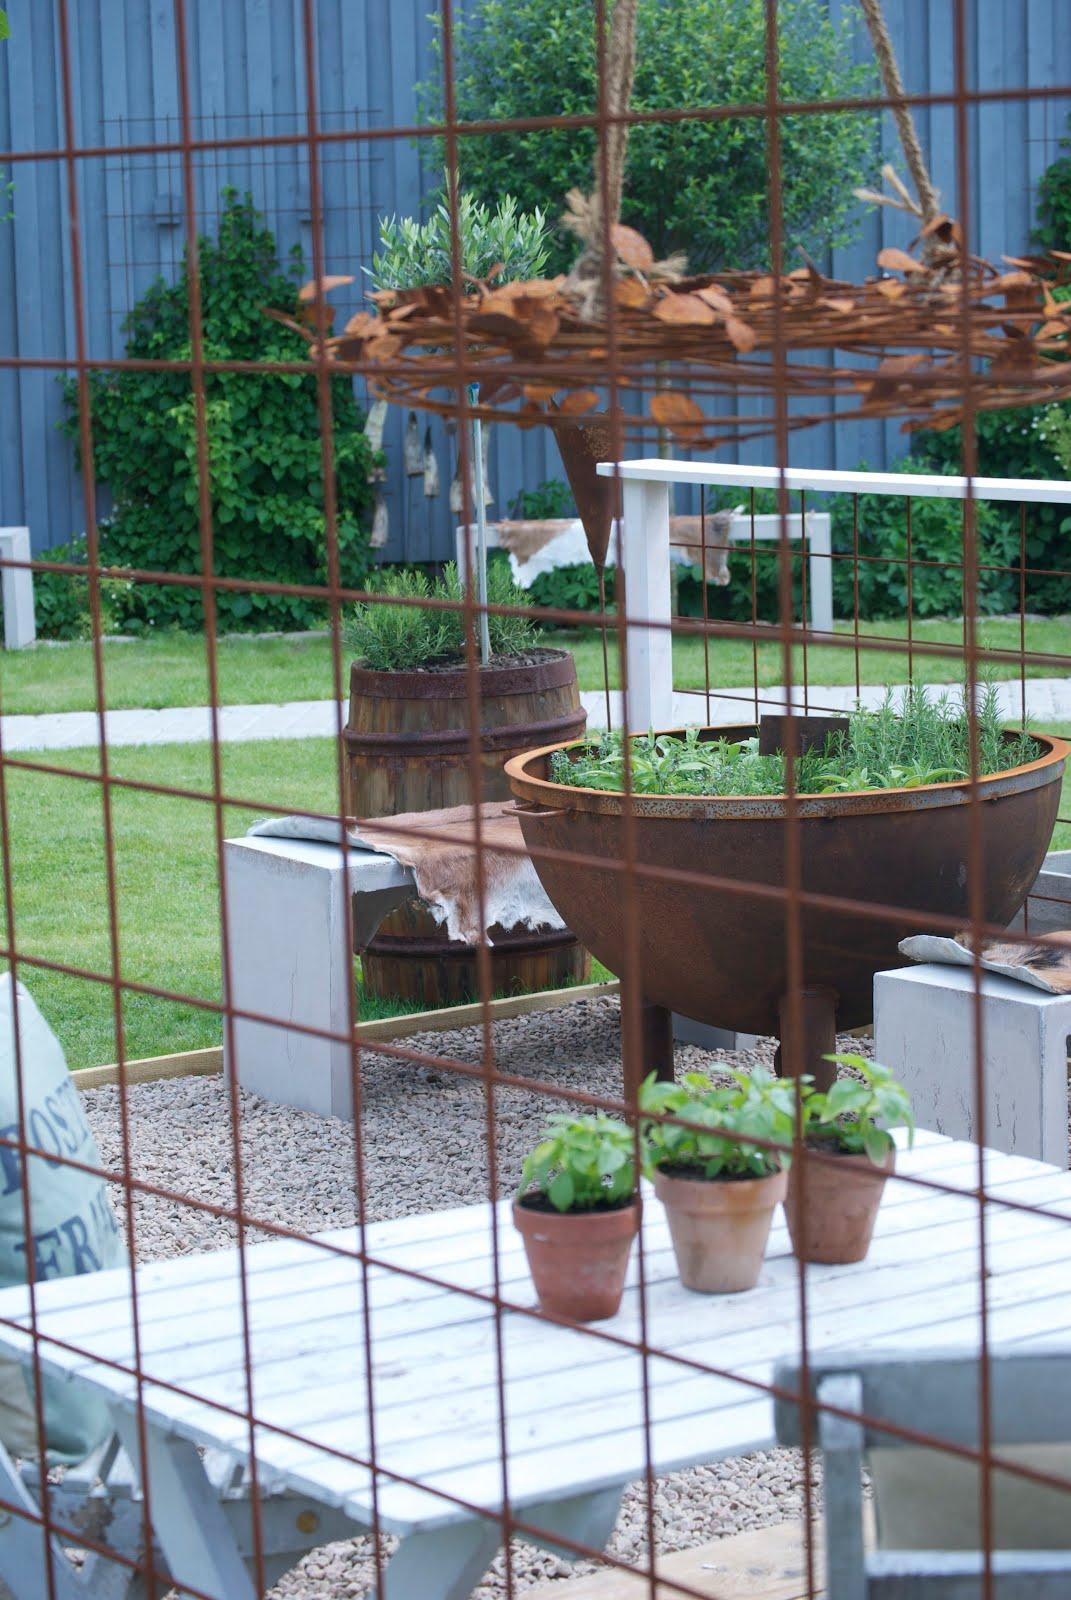 Cattis och Eiras Trädgårdsdesign: Skapa väggar i trädgården II